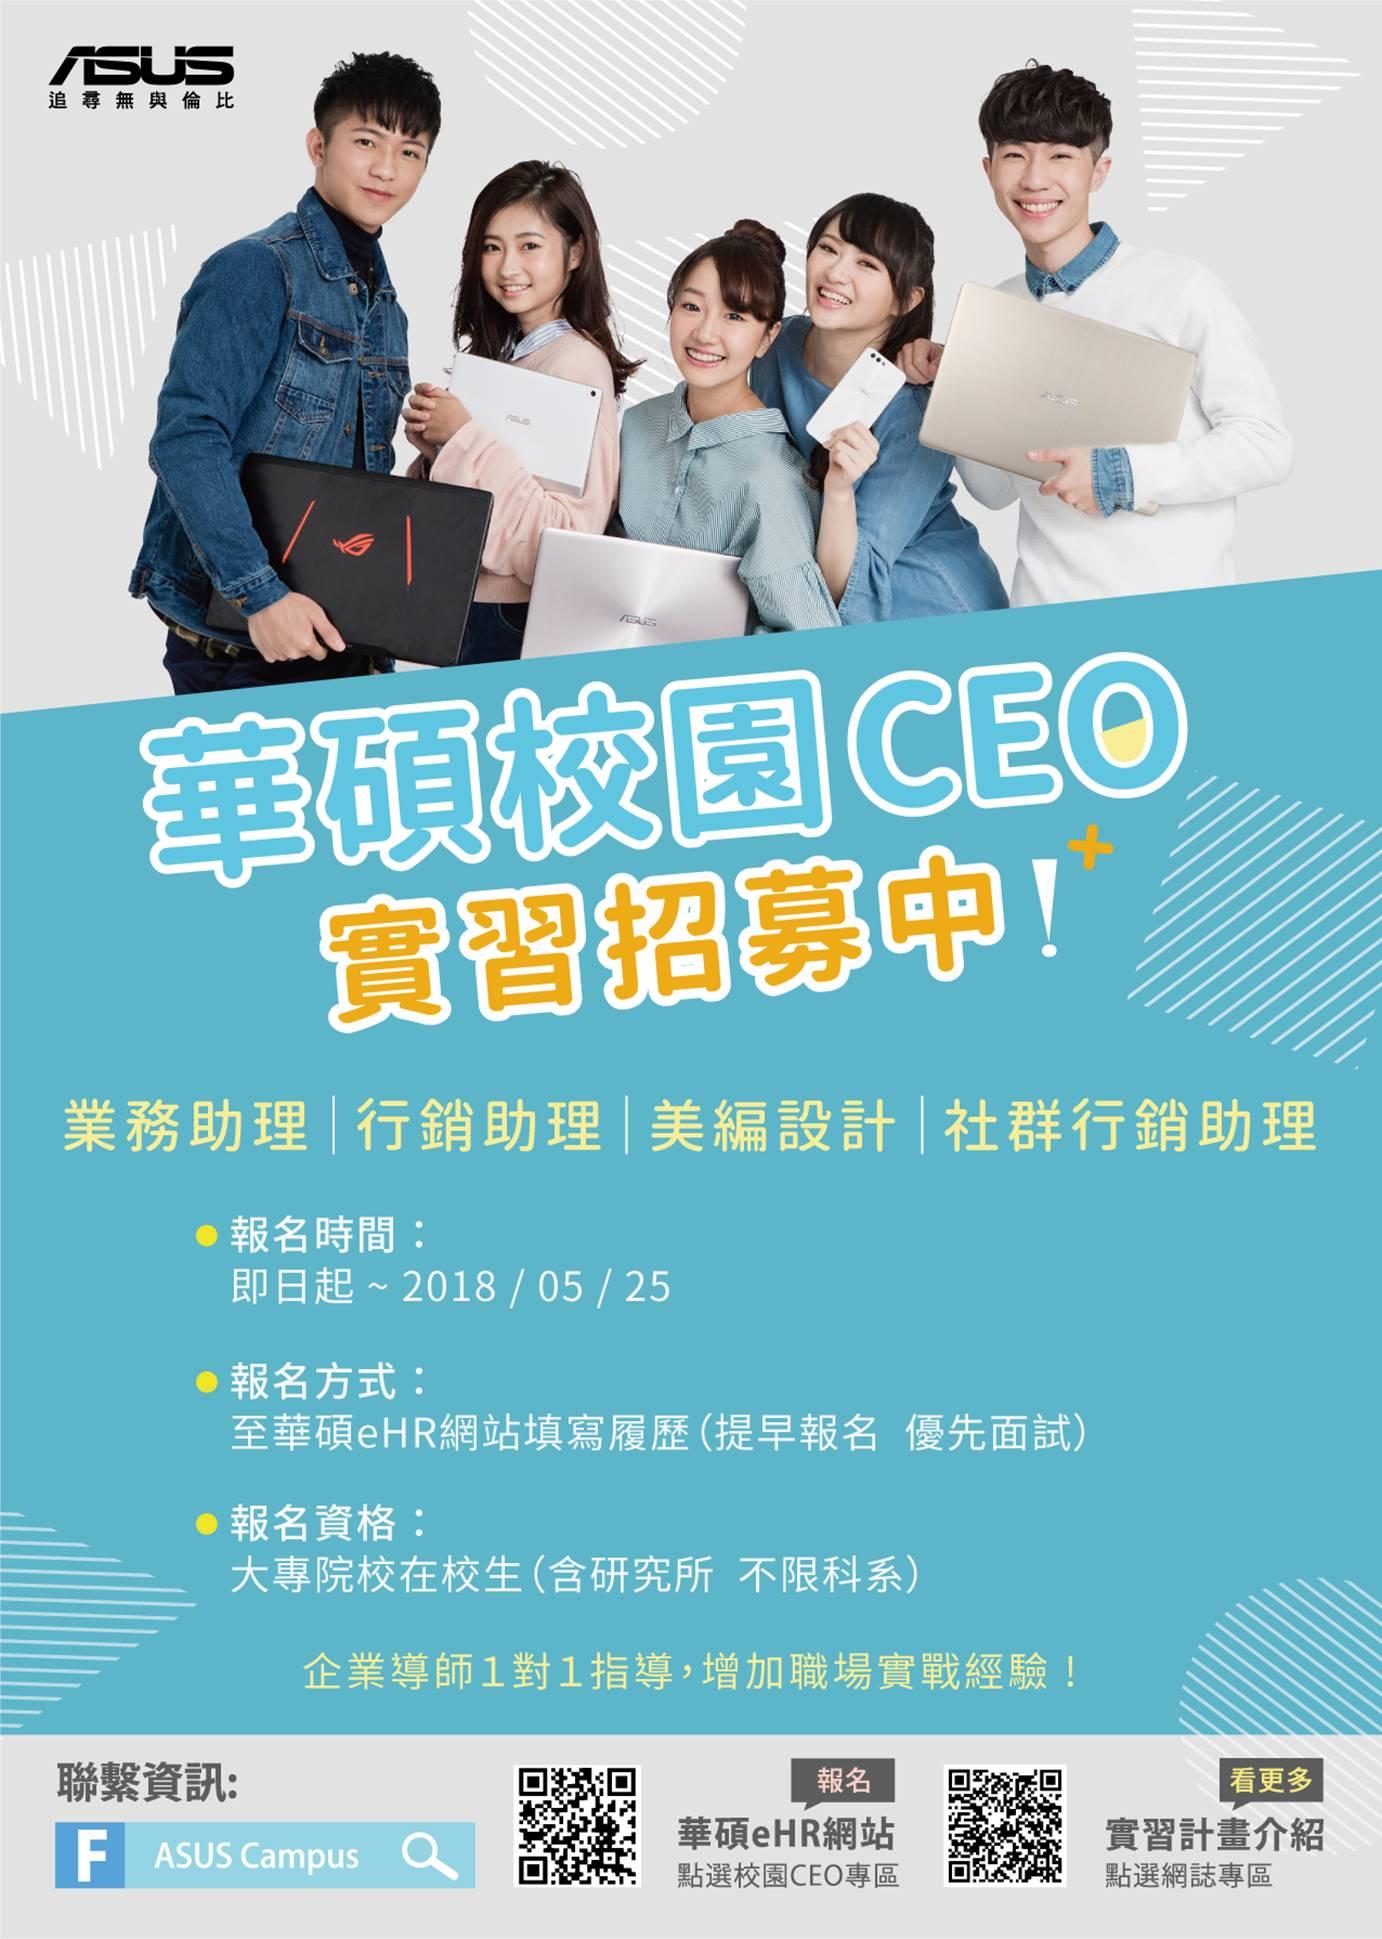 2018華碩校園CEO實習計畫,熱烈招募中!